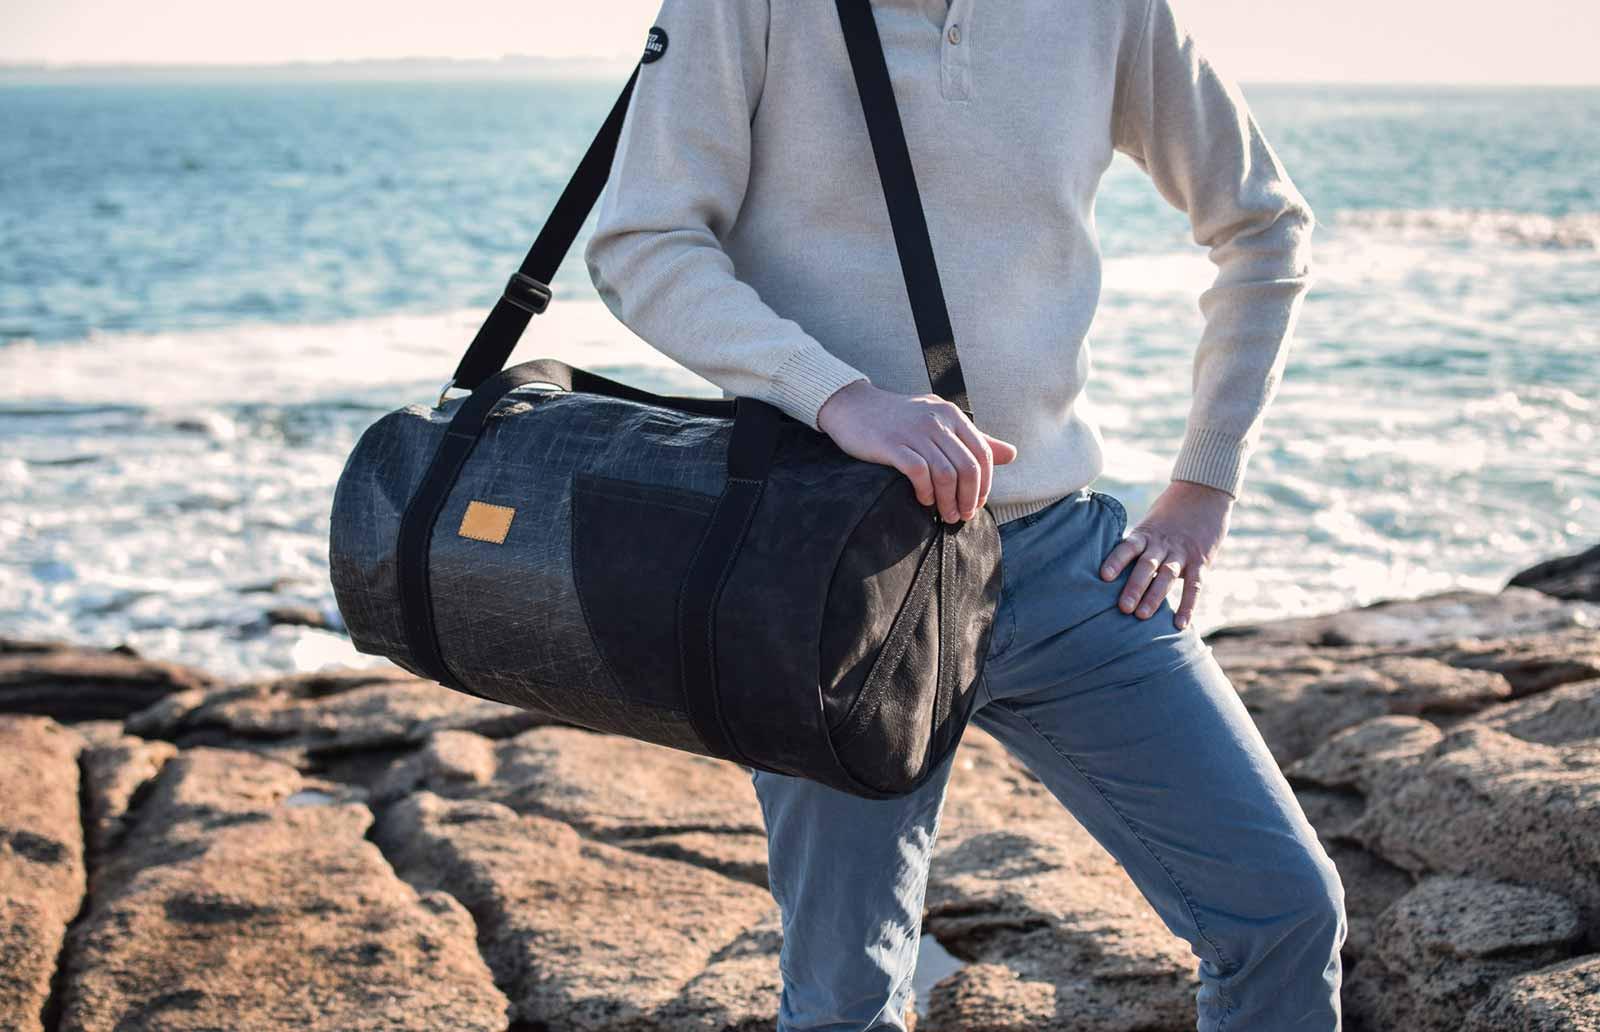 727Sailbags Reisetasche für das Wochenende: die Onshore, eine Kreation aus Schiffssegel